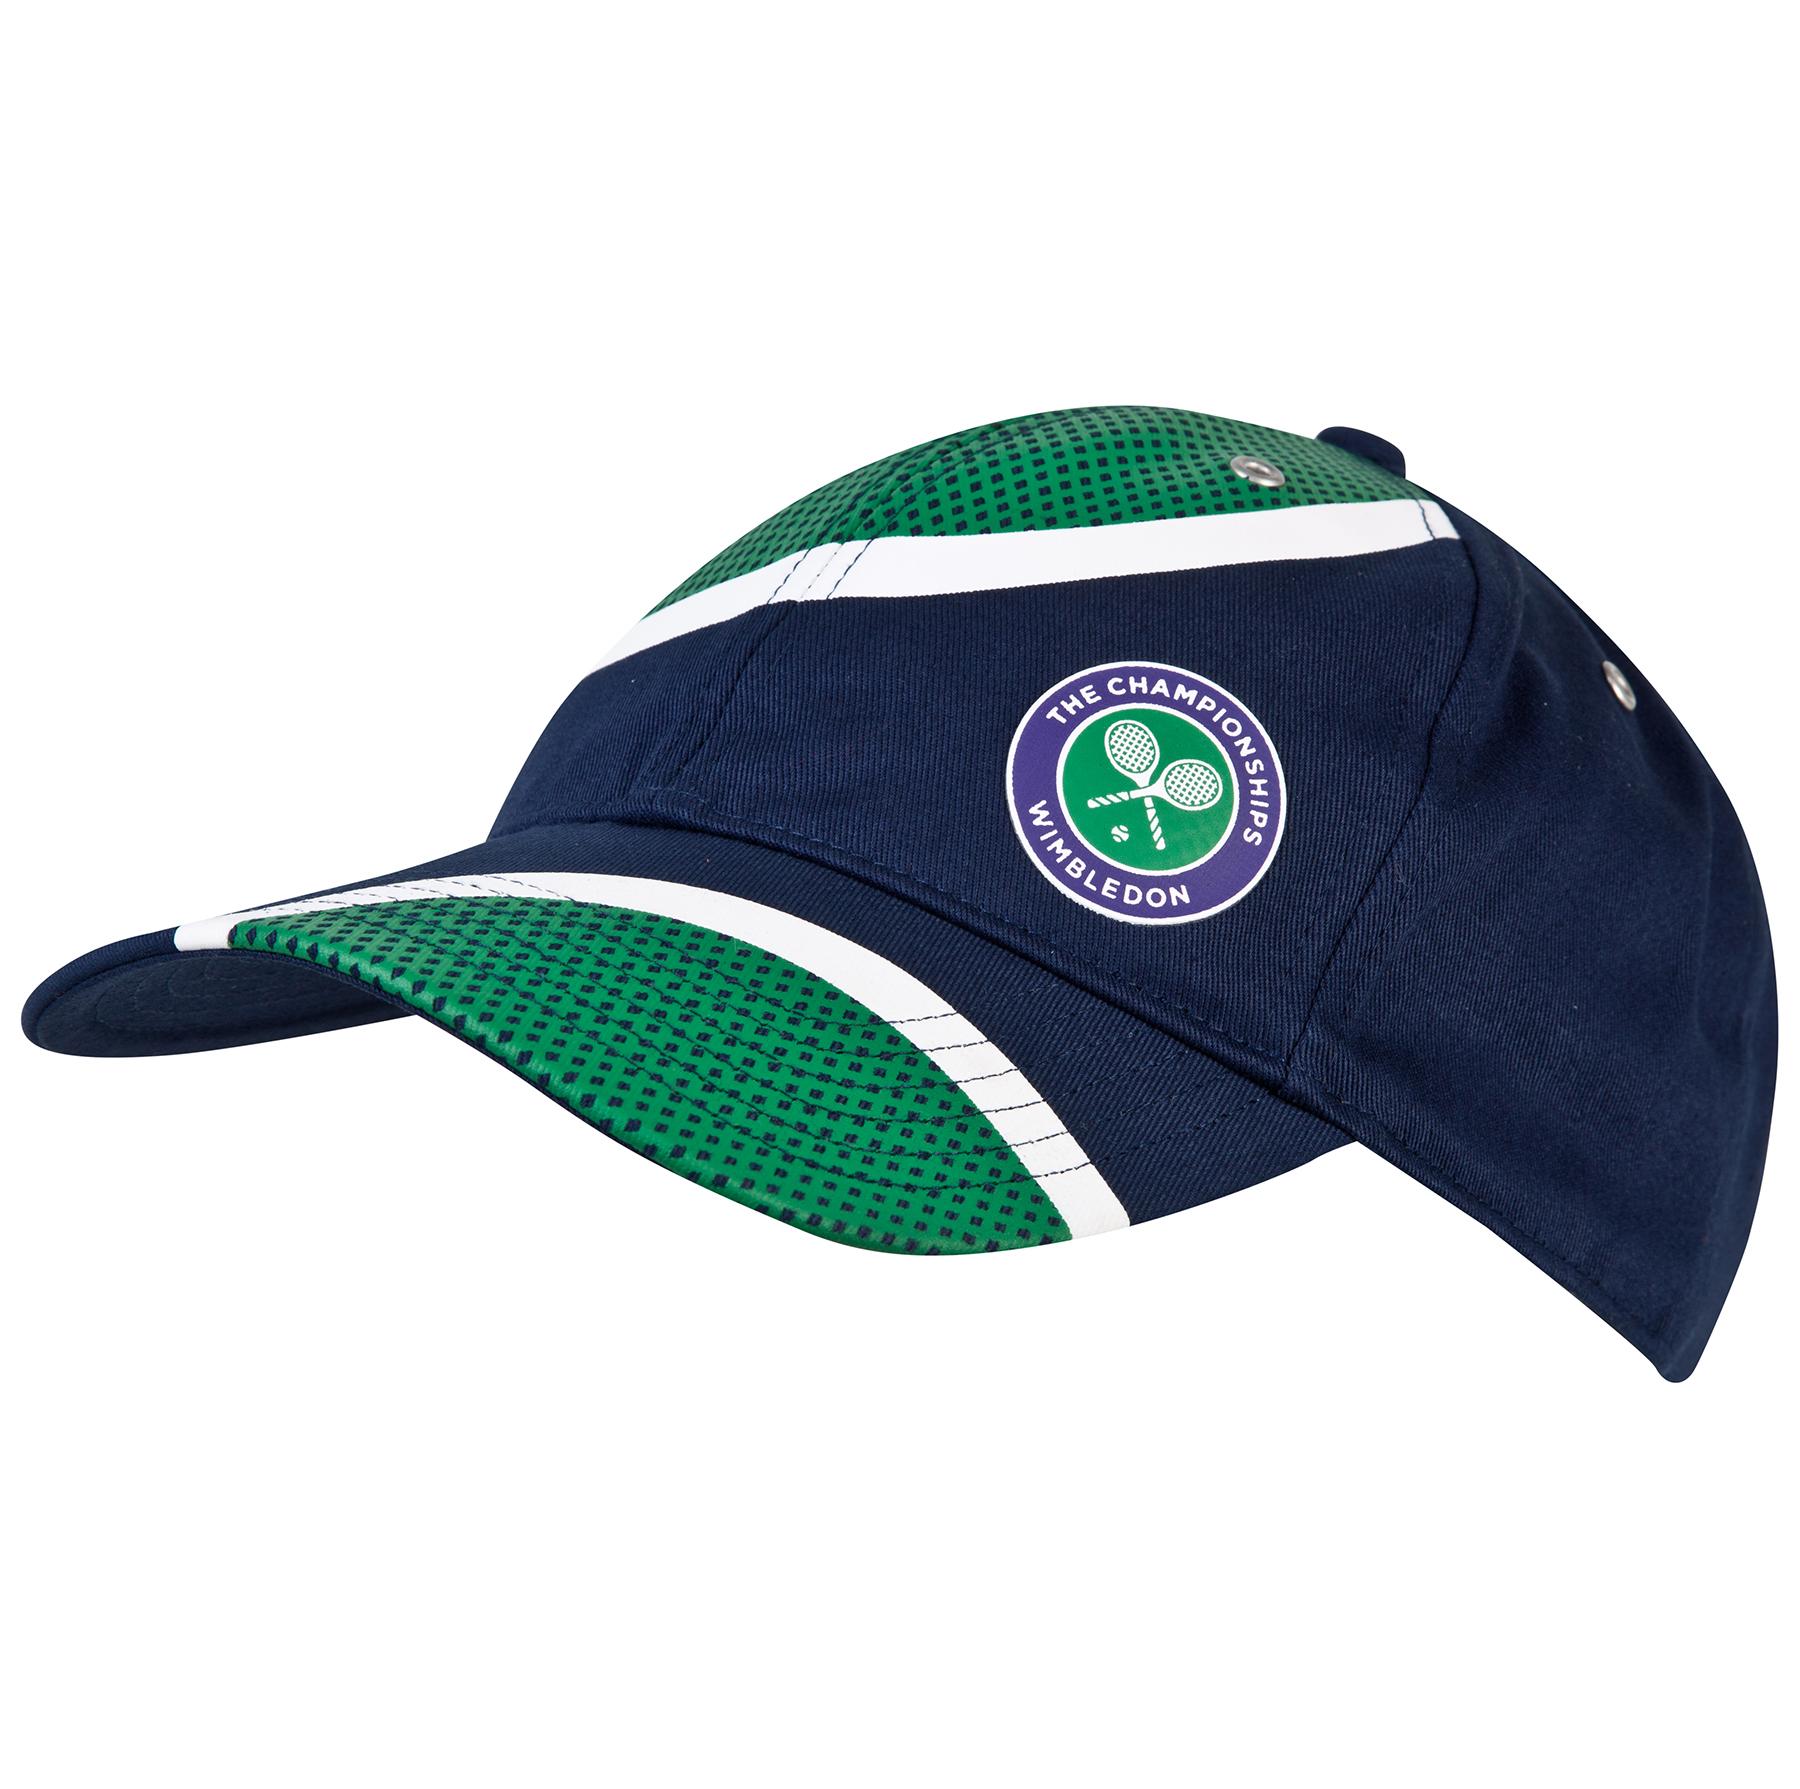 Wimbledon Small Logo Cap - Navy